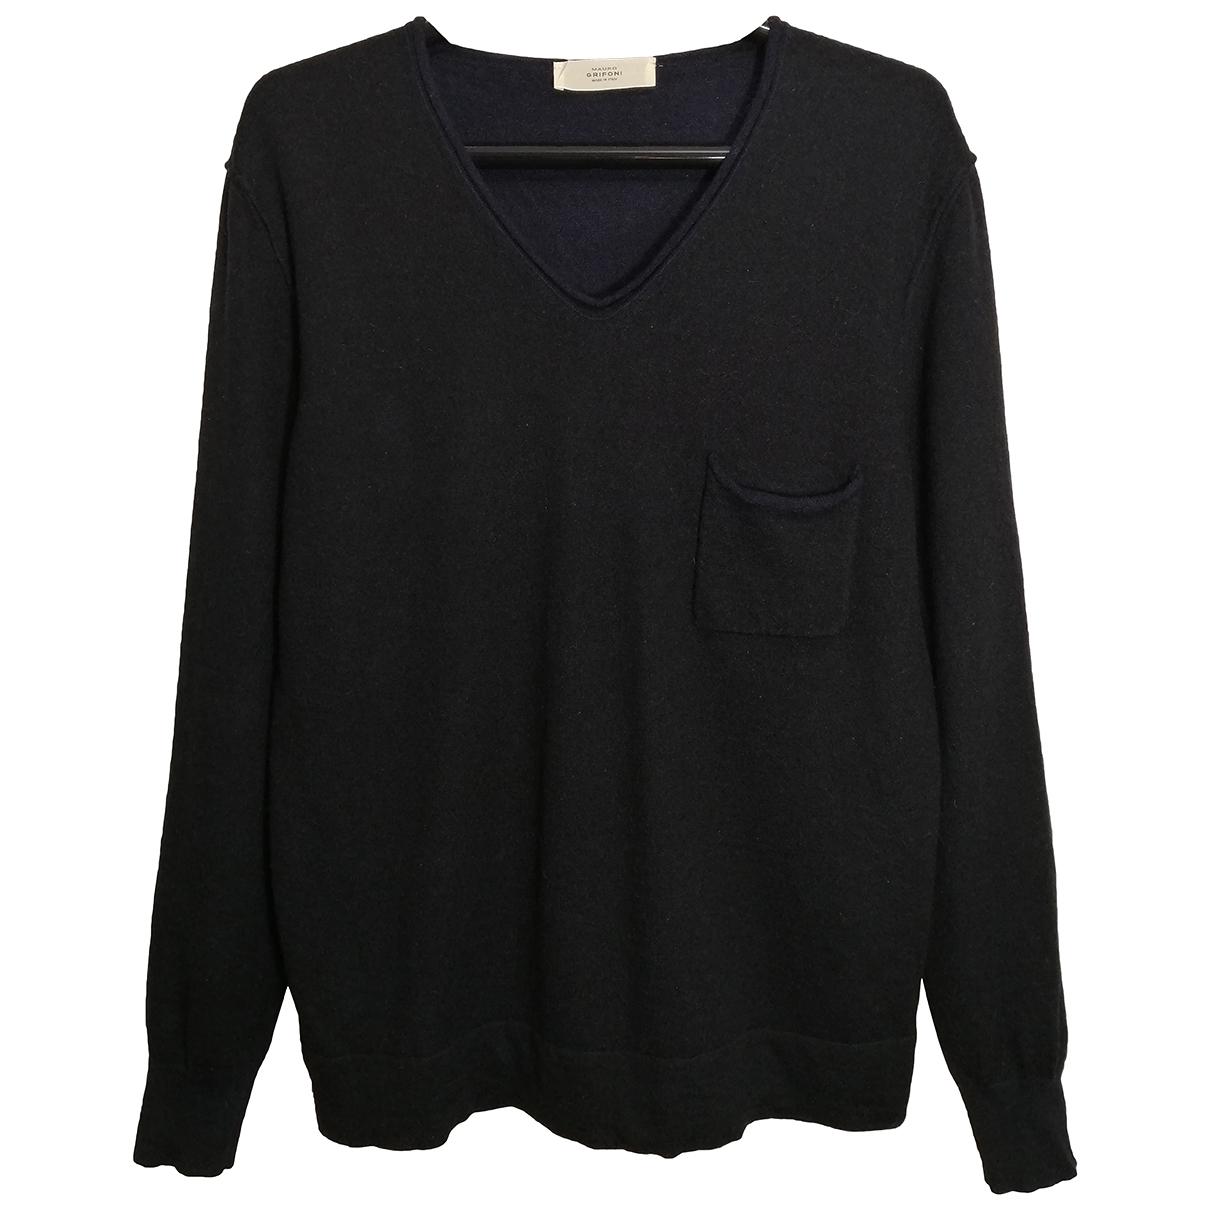 Mauro Grifoni N Black Wool Knitwear & Sweatshirts for Men 52 IT